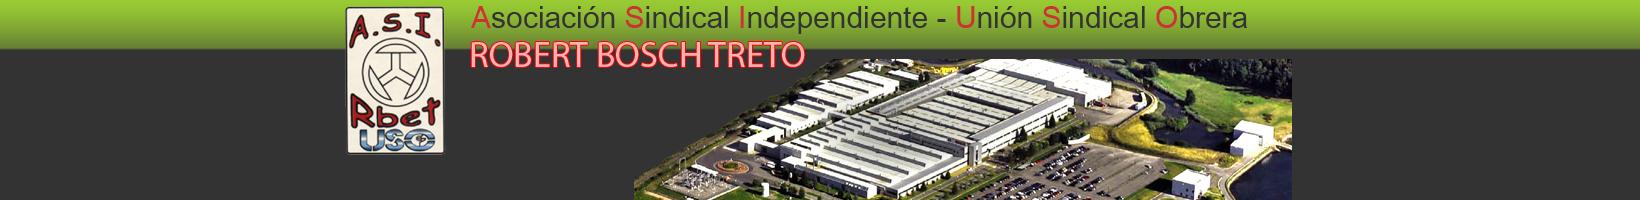 Sección Sindical ASI-RBET-USO